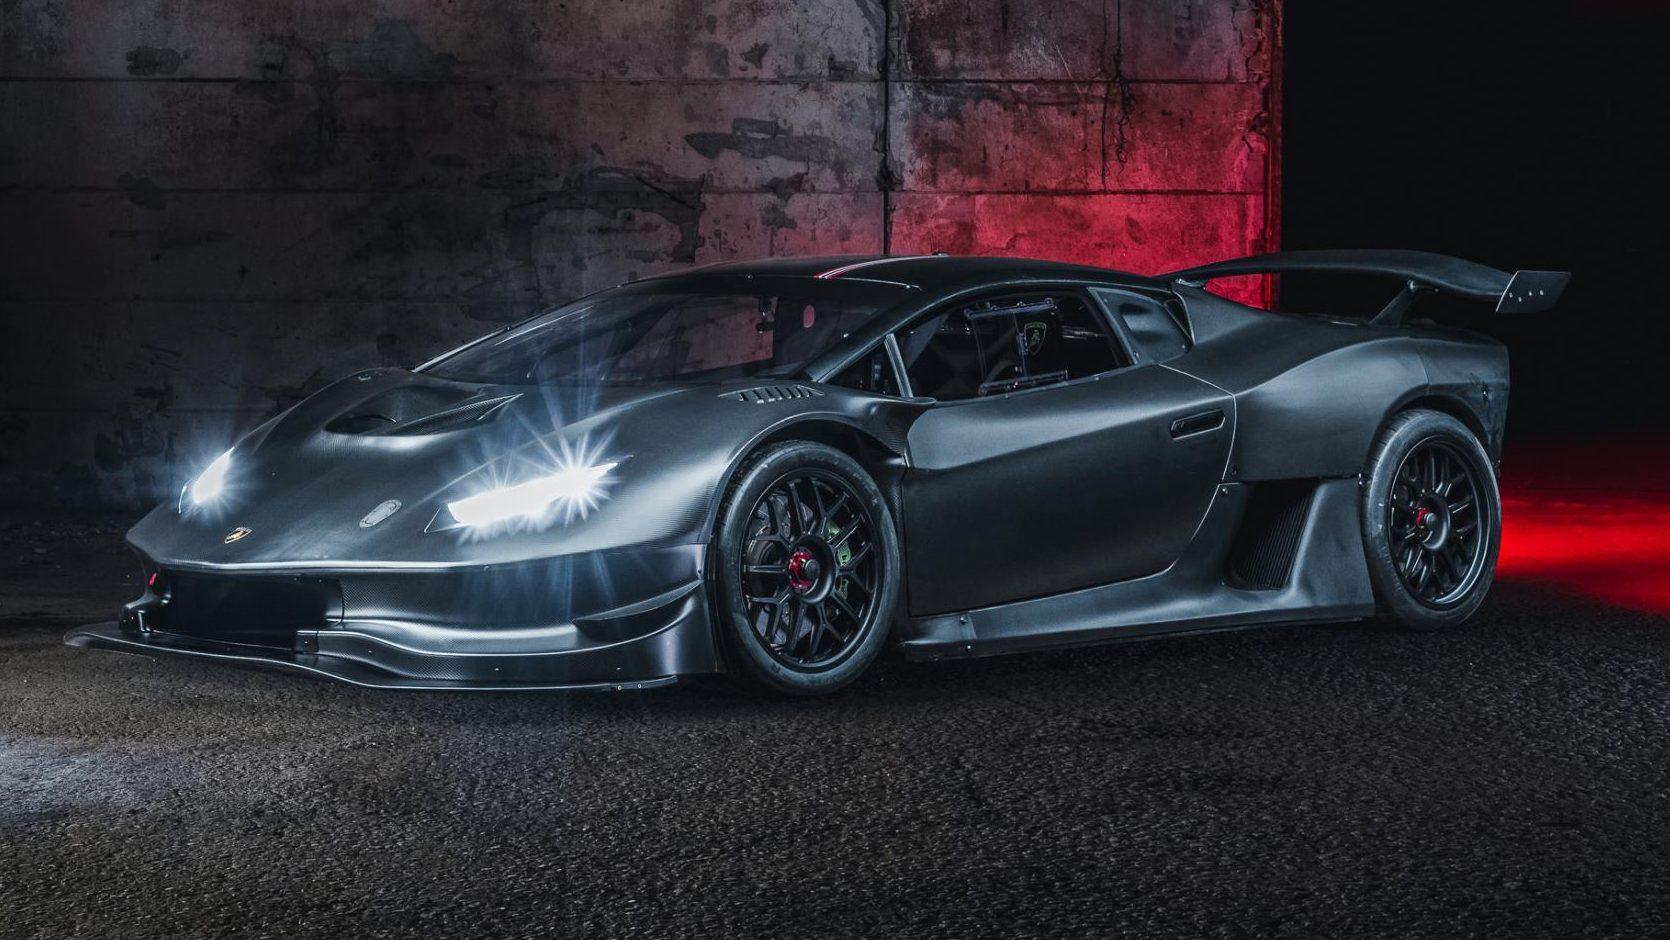 Straatlegale Lamborghini Huracan Super Trofeo met 1.200 pk